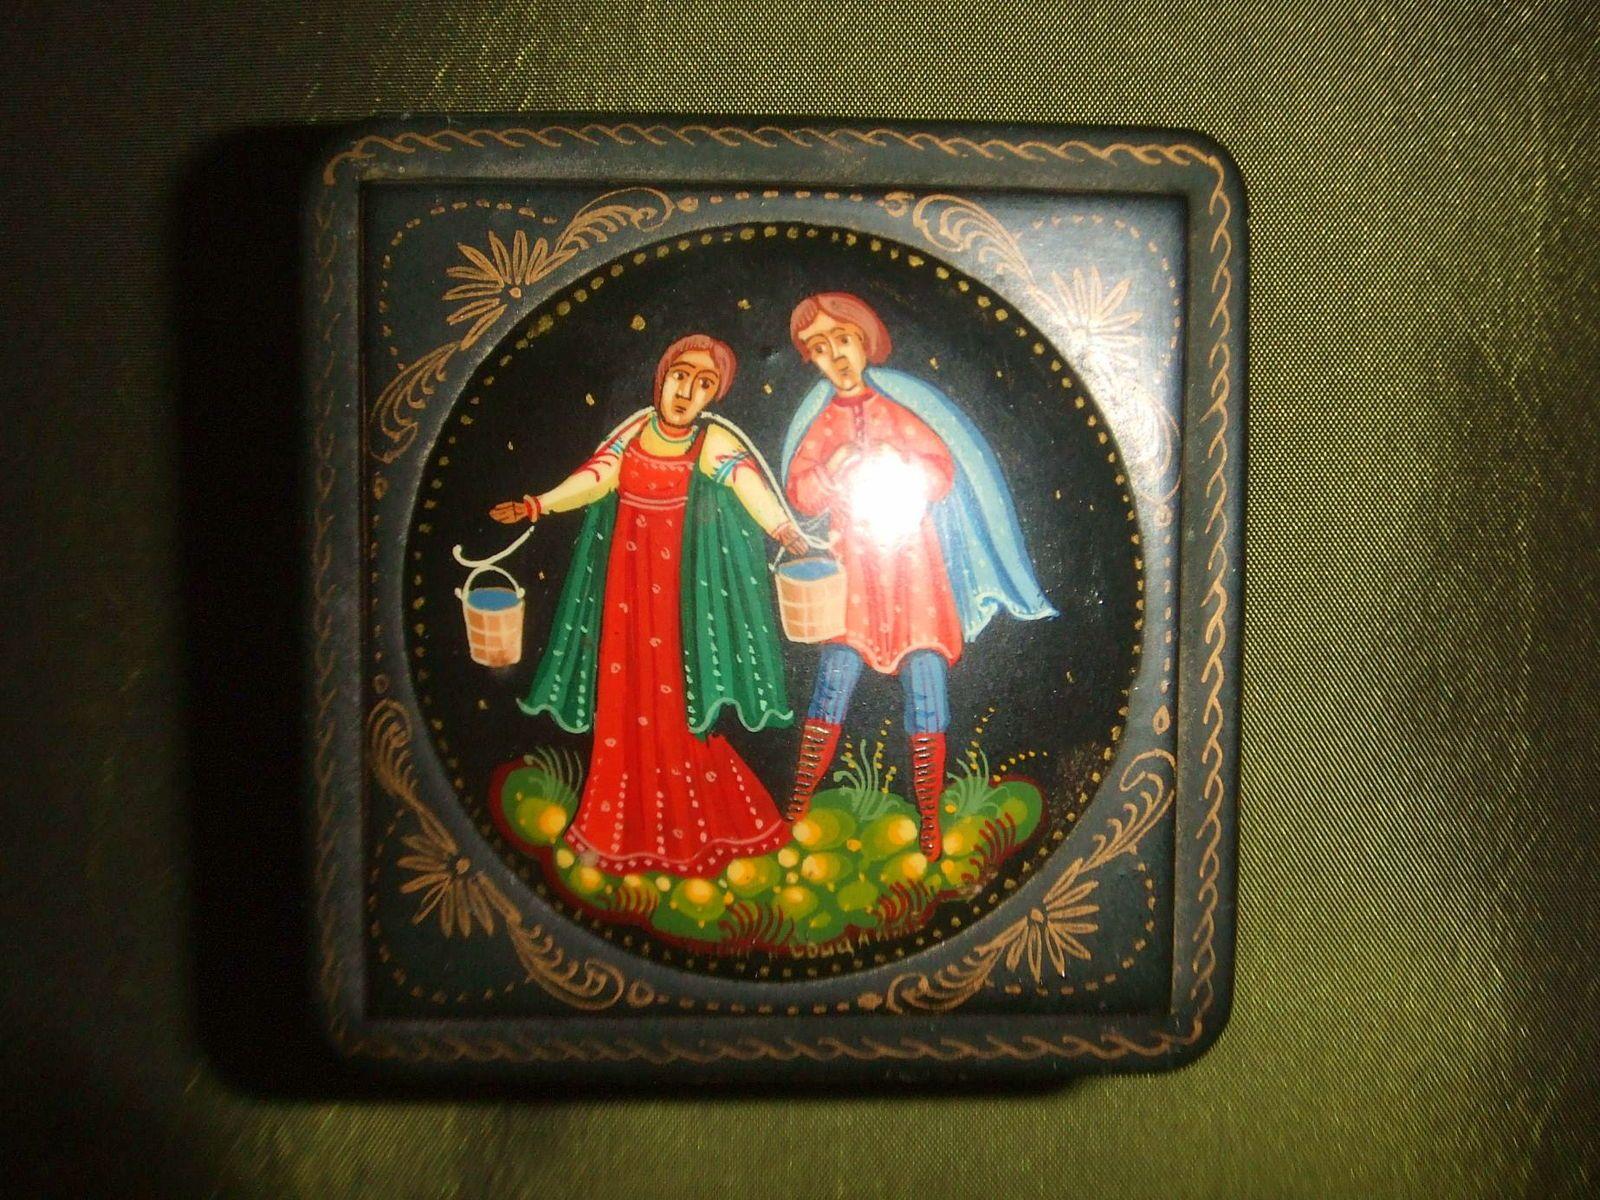 Vends boîte russe vintage avec peinture miniature